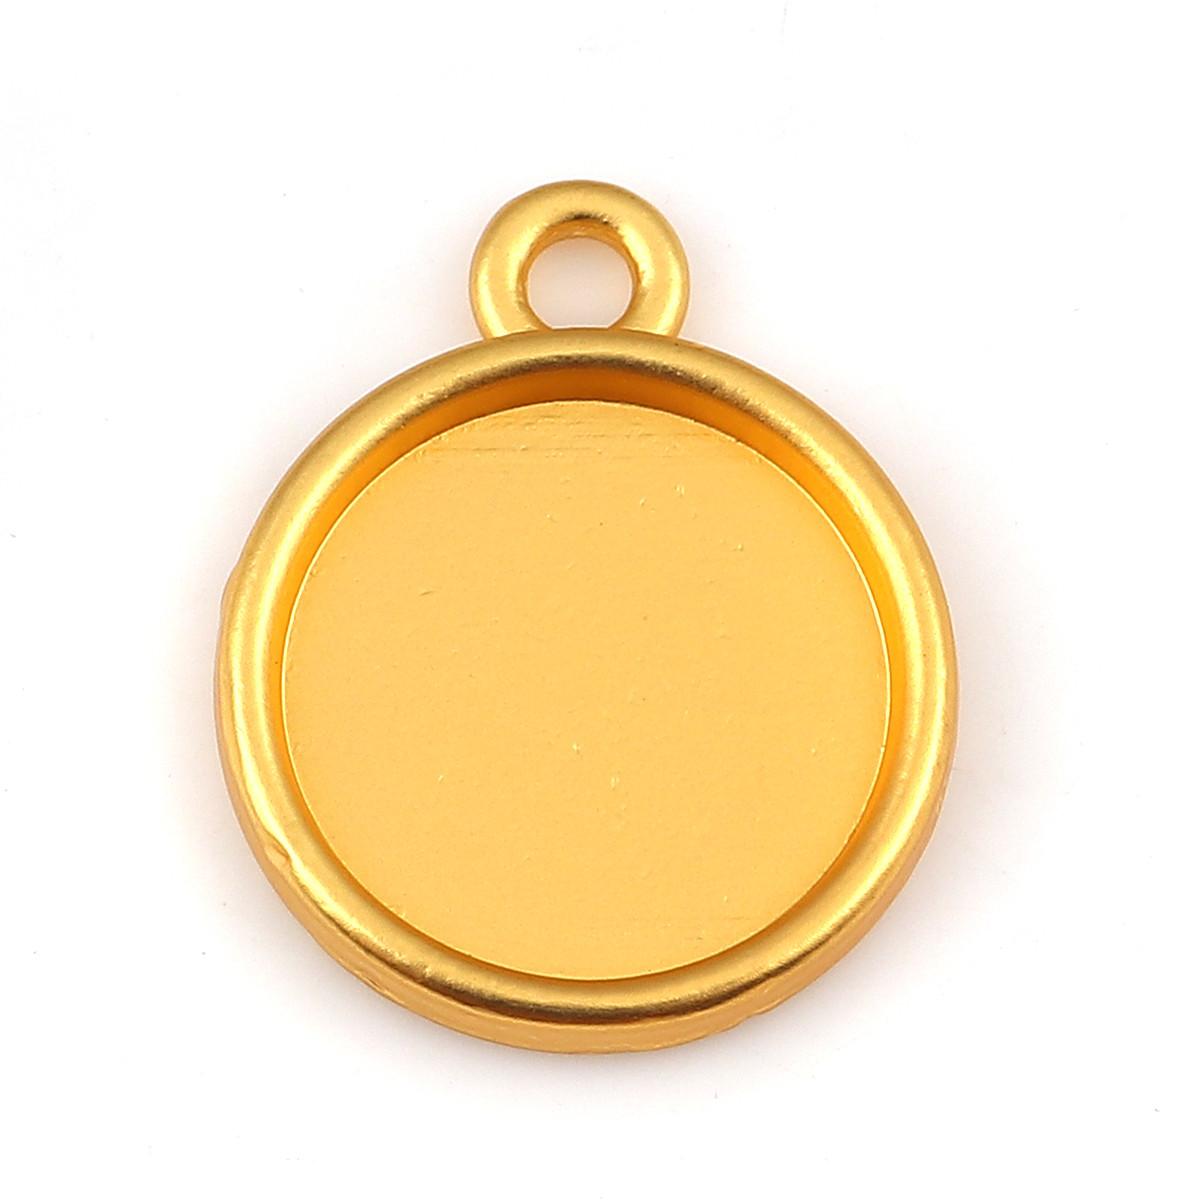 Подвеска под вставку, Круглая, Цинковый сплав, Цвет: Золото, Основа под вставку 14 мм, 21 мм x 17 мм